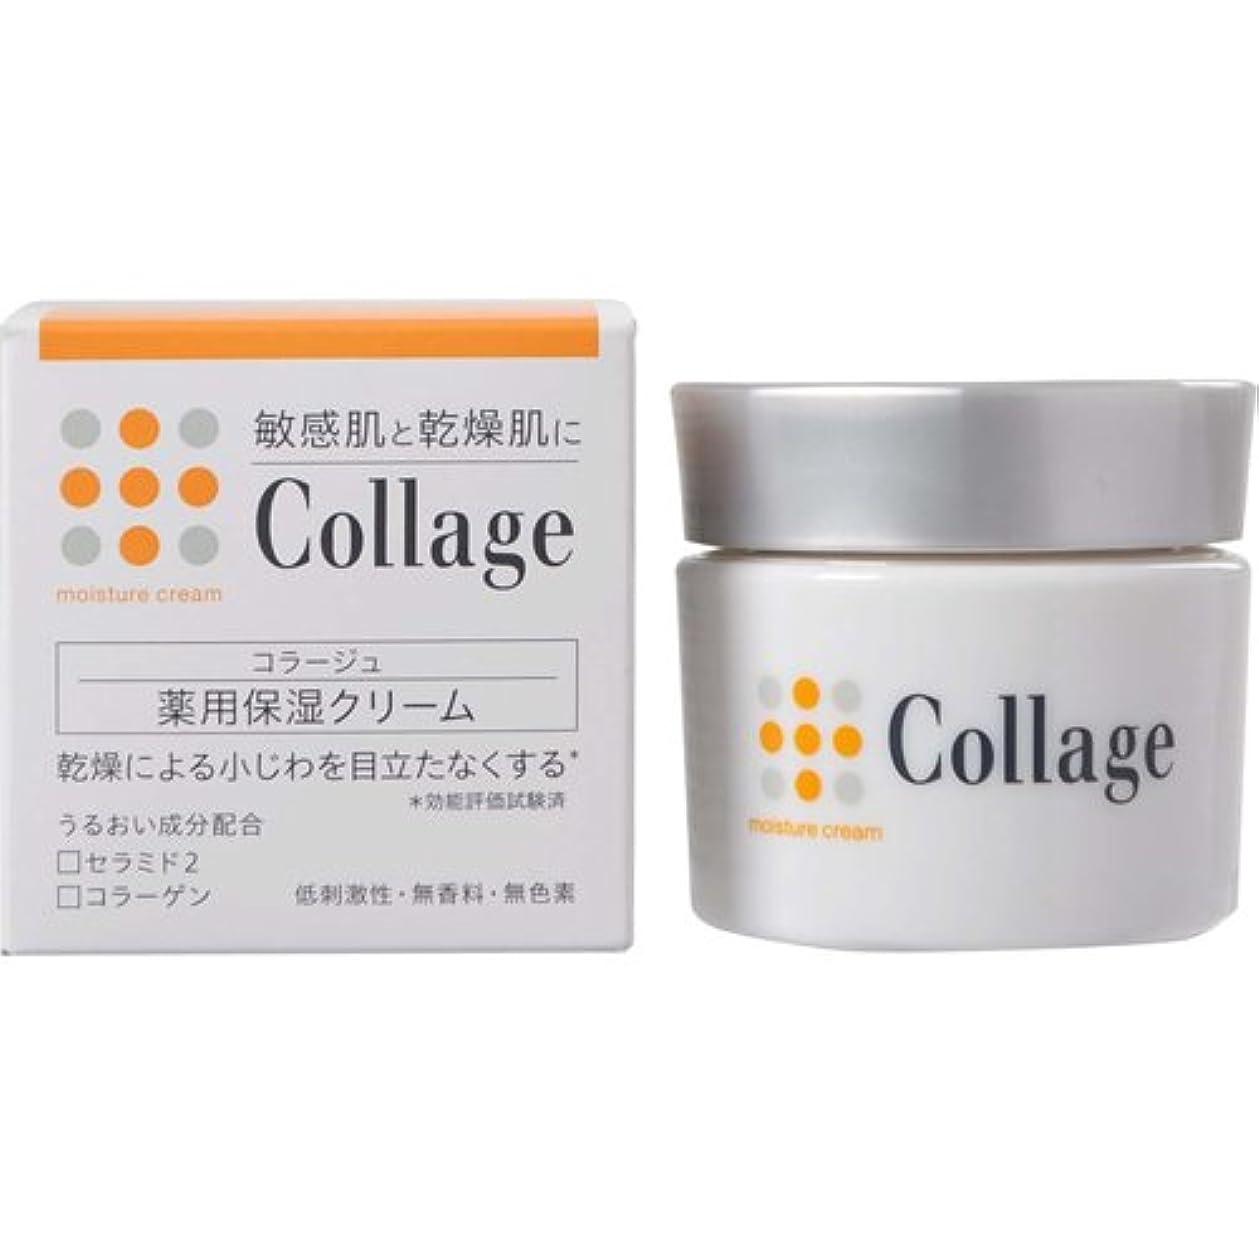 職業貫入貝殻コラージュ 薬用保湿クリーム 30g 【医薬部外品】